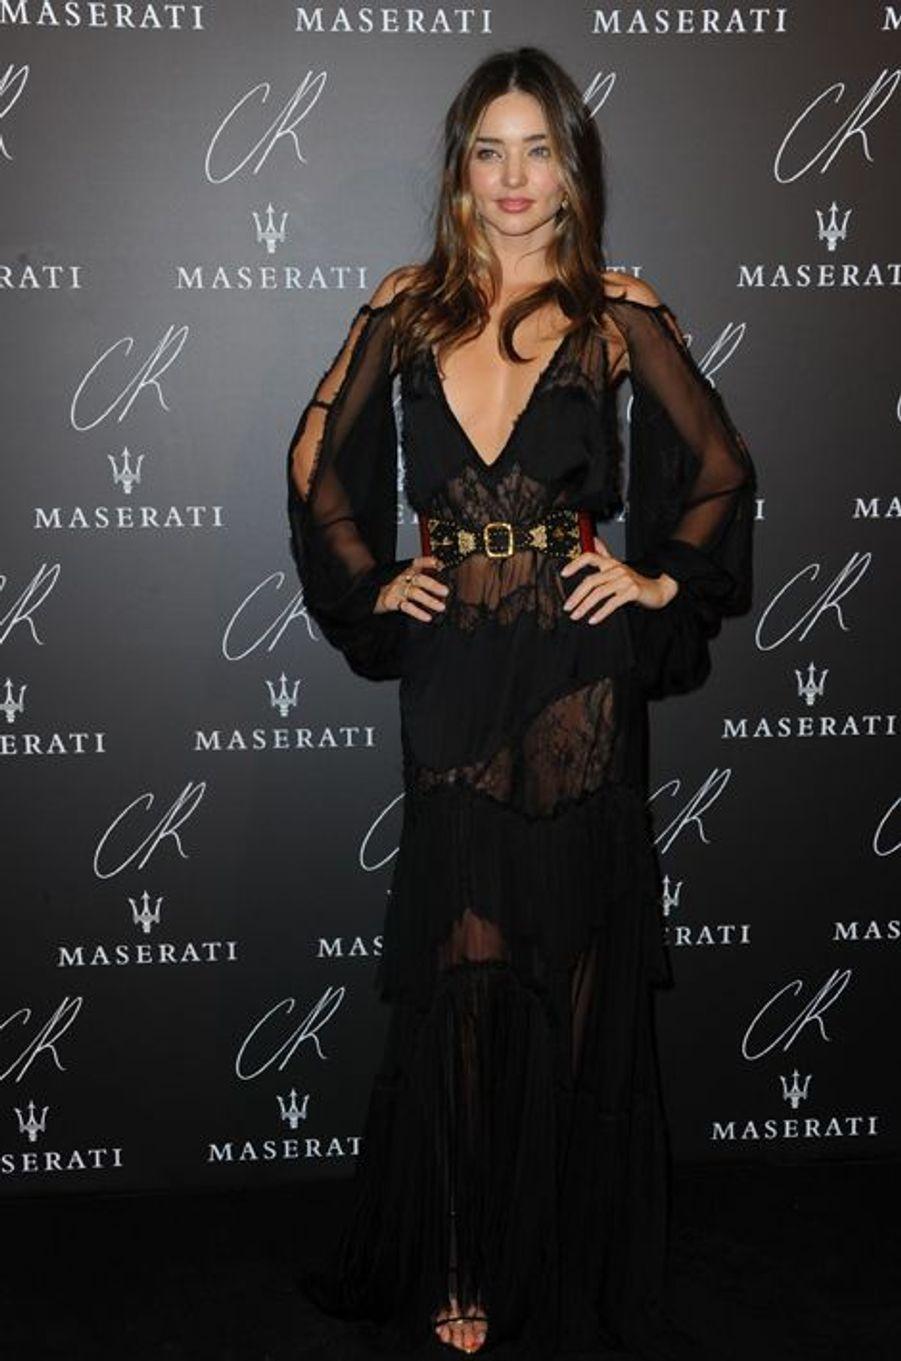 Miranda Kerr à la soirée CR Fashion Book organisée à Paris le mardi 30 septembre 2014